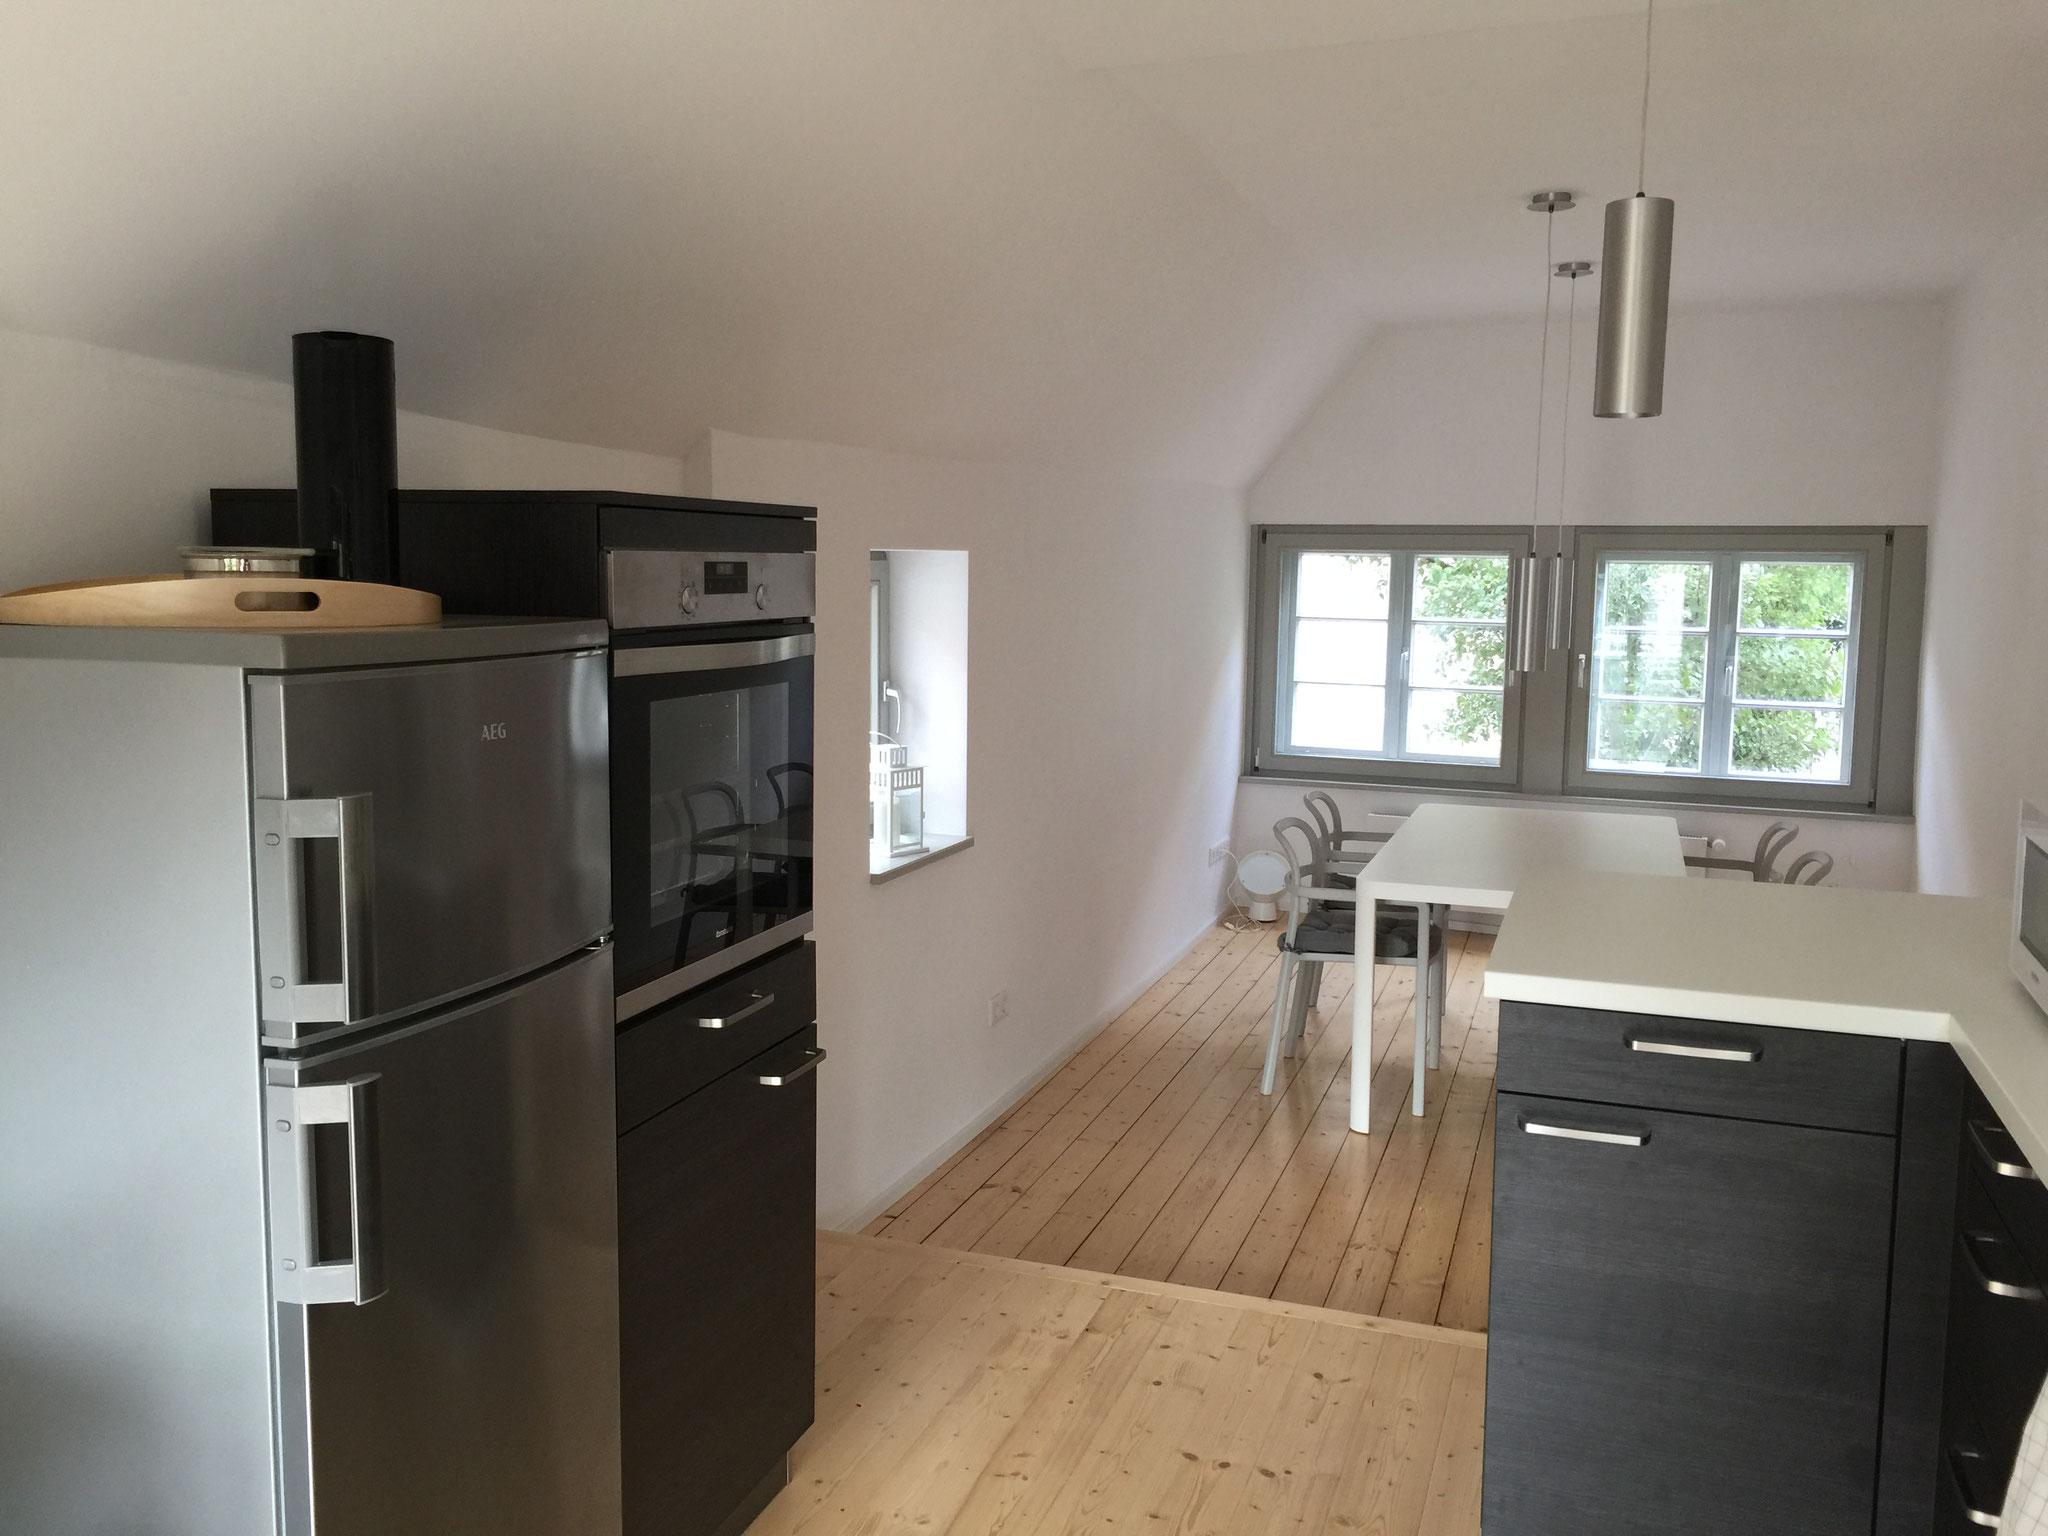 FeWo: Küche mit Backofen und Kühlschrank